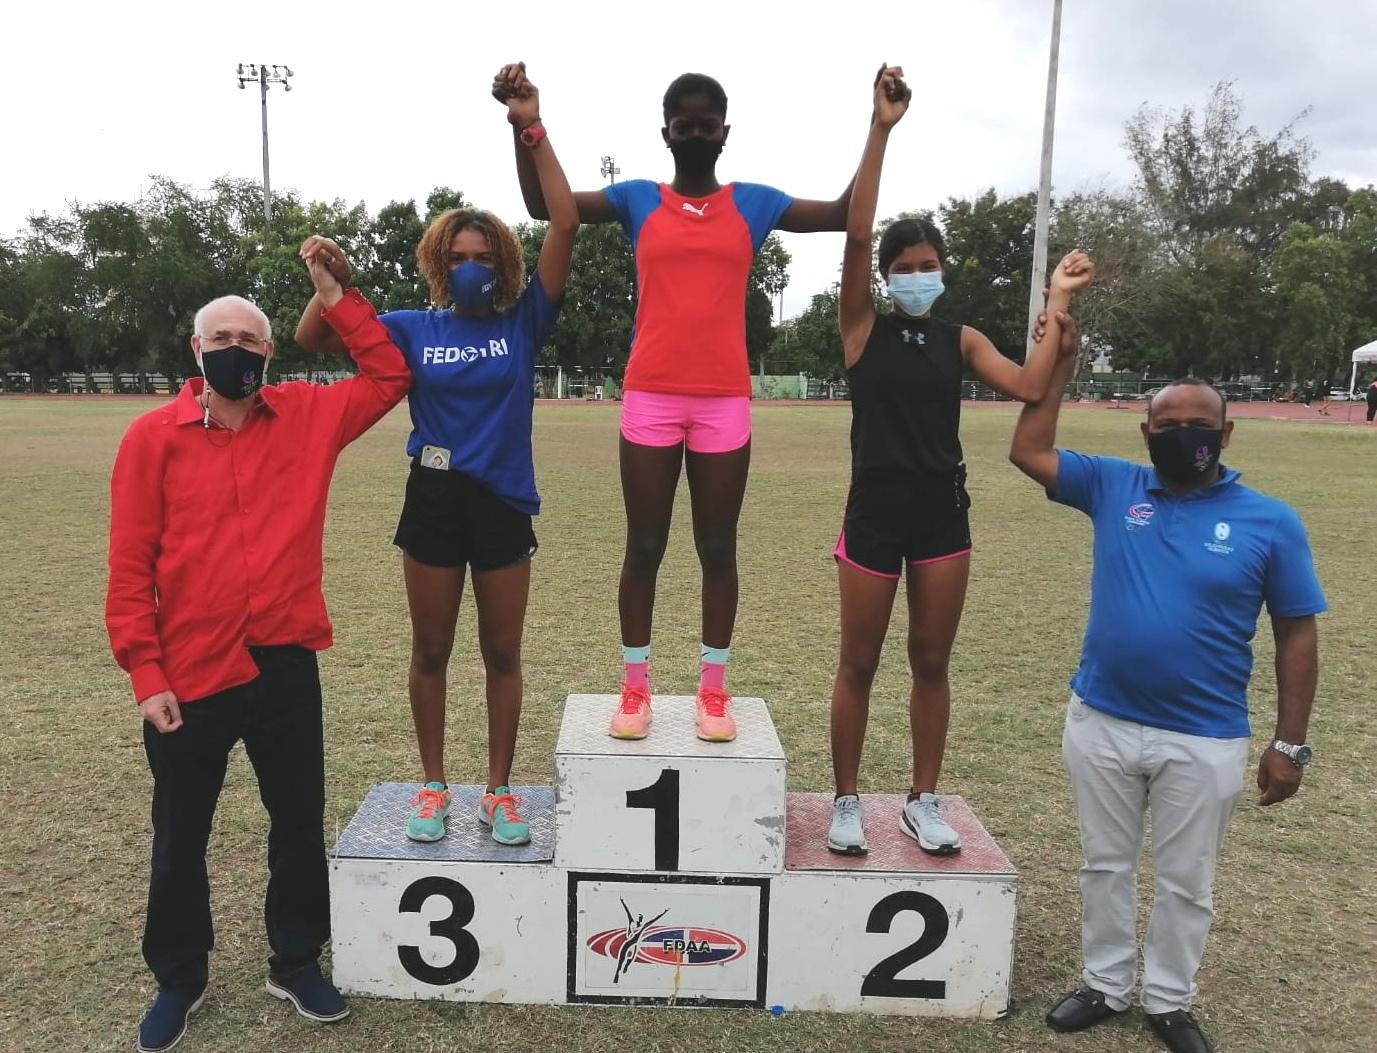 La Romana domina en campeonato de atletismo; Timá y Maguá ganan oro